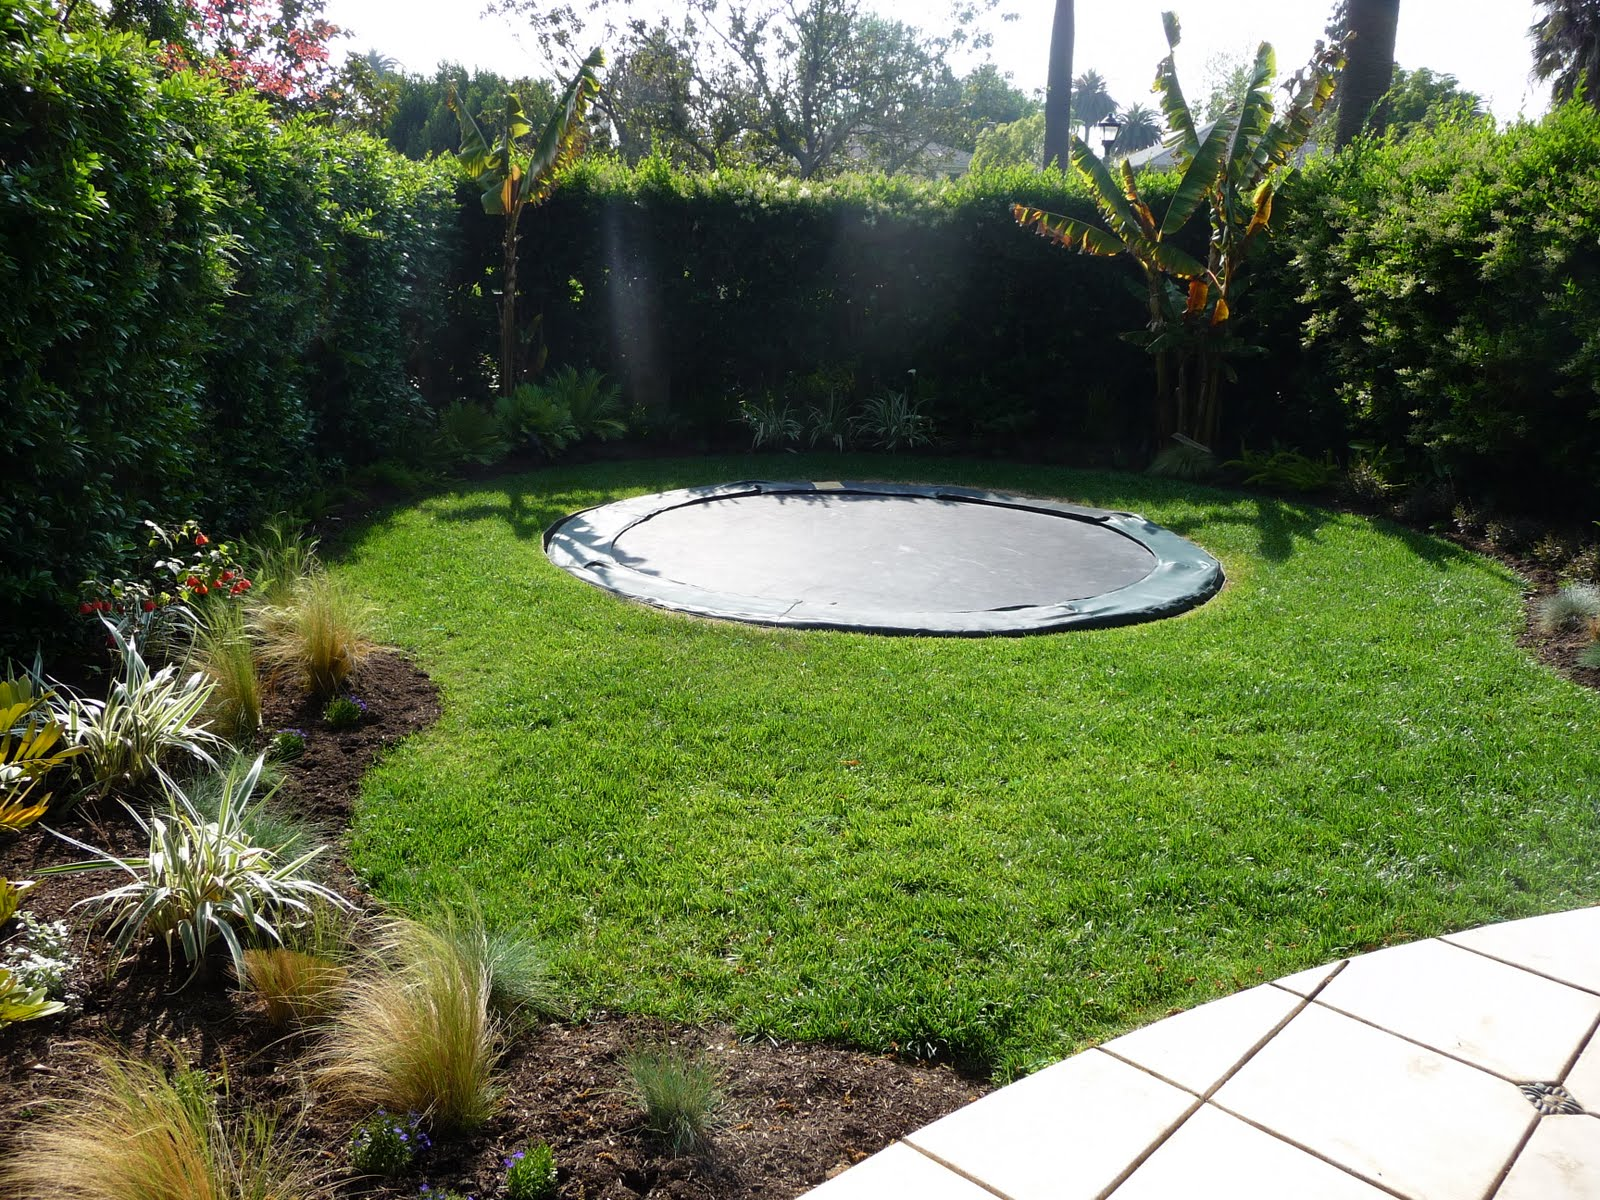 Ongekend Welk speeltoestel is geschikt voor een kleine tuin? (14 voorbeelden) RT-53